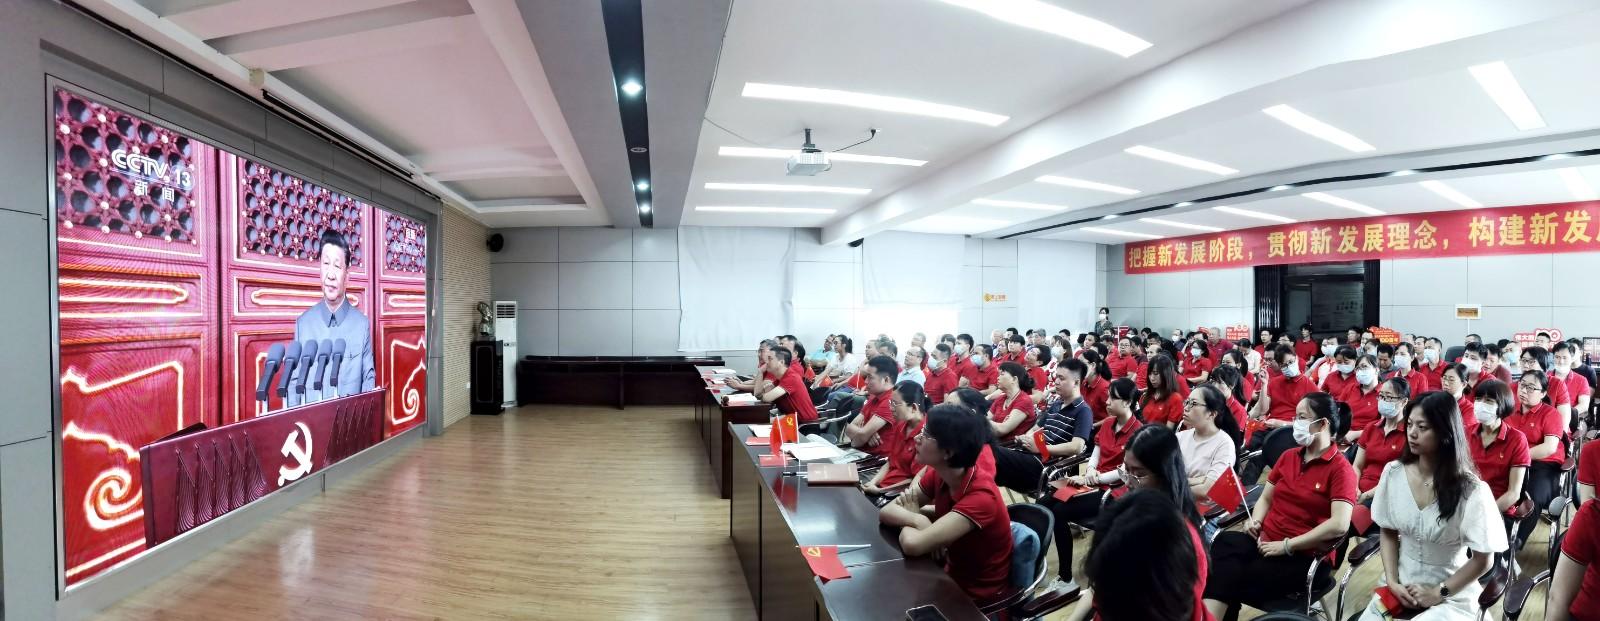 心潮澎湃!广西中医药研究院集中收看庆祝中国共产党成立100周年大会直播